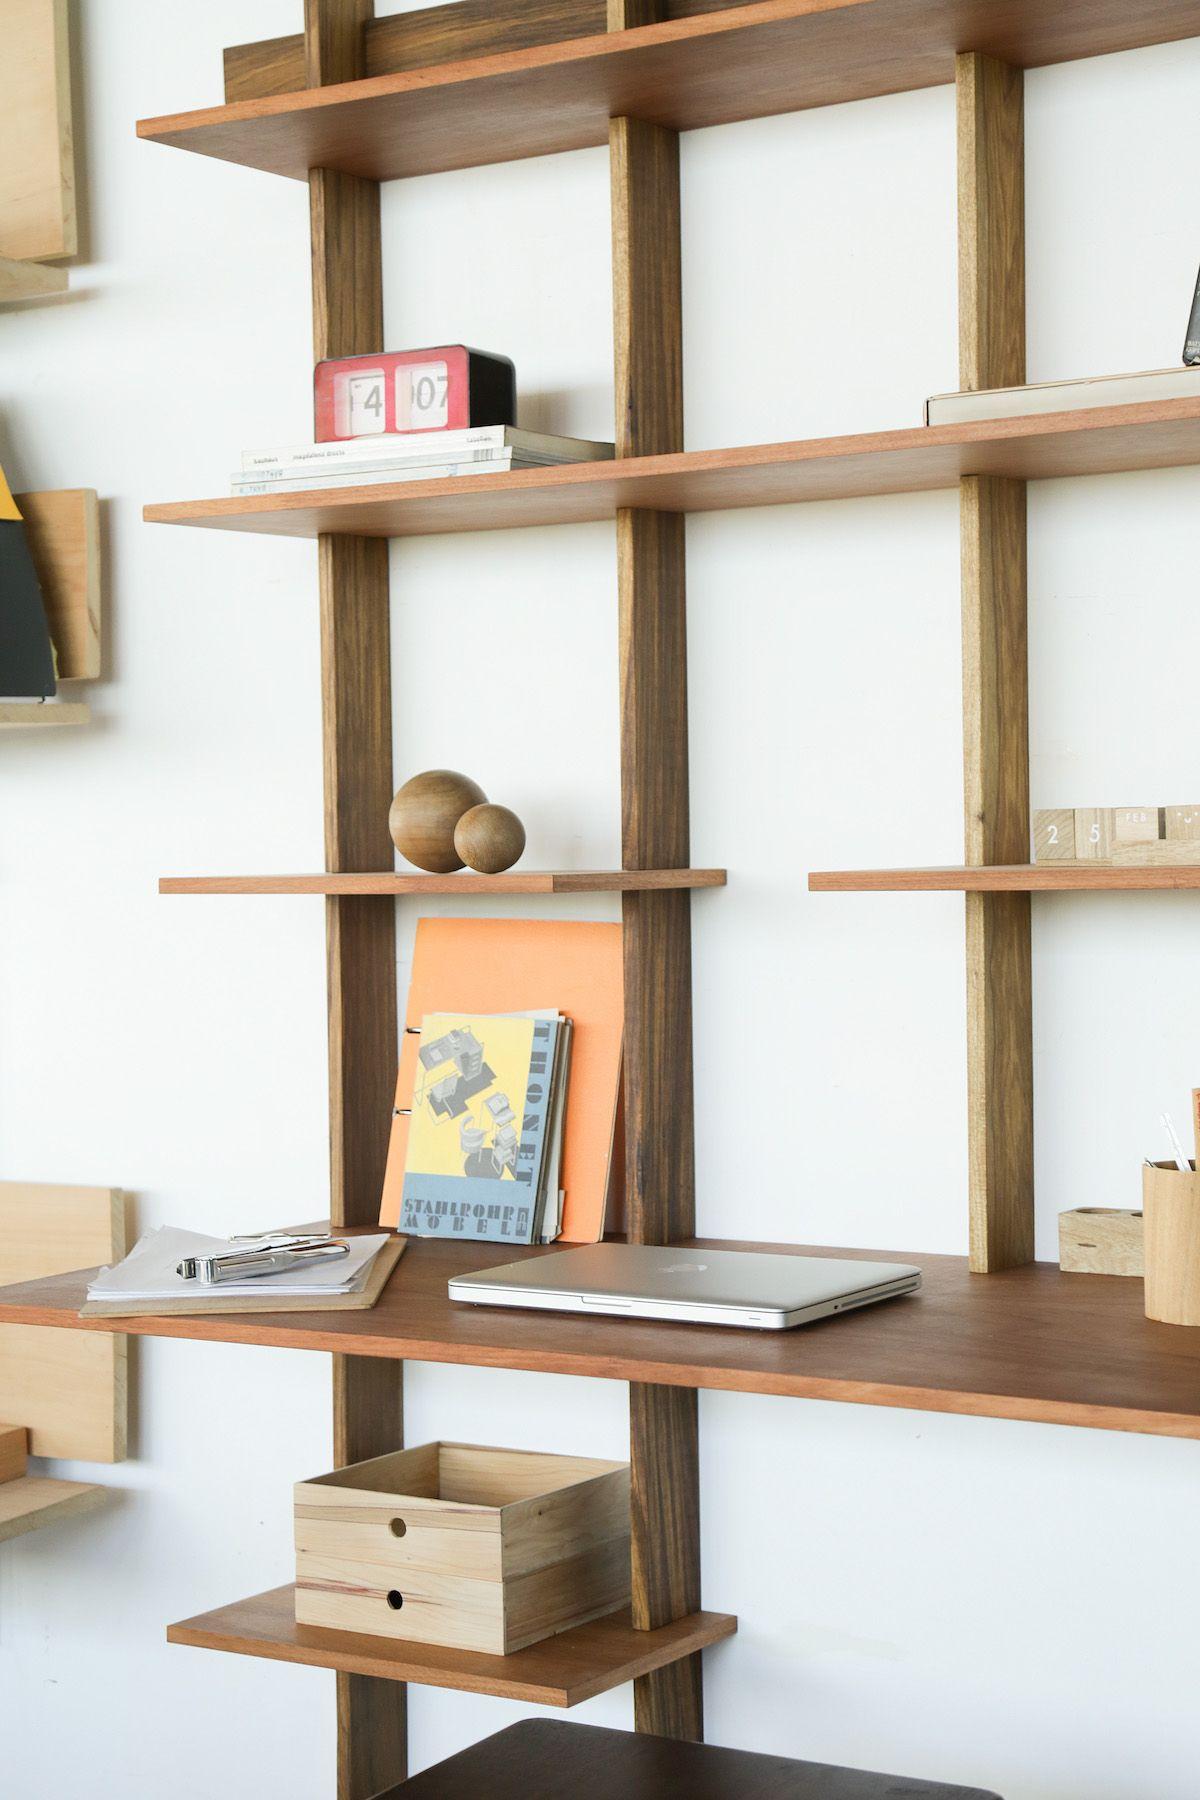 Kit E Sticotti Modular Shelving System - Shelving Systems, Shelving